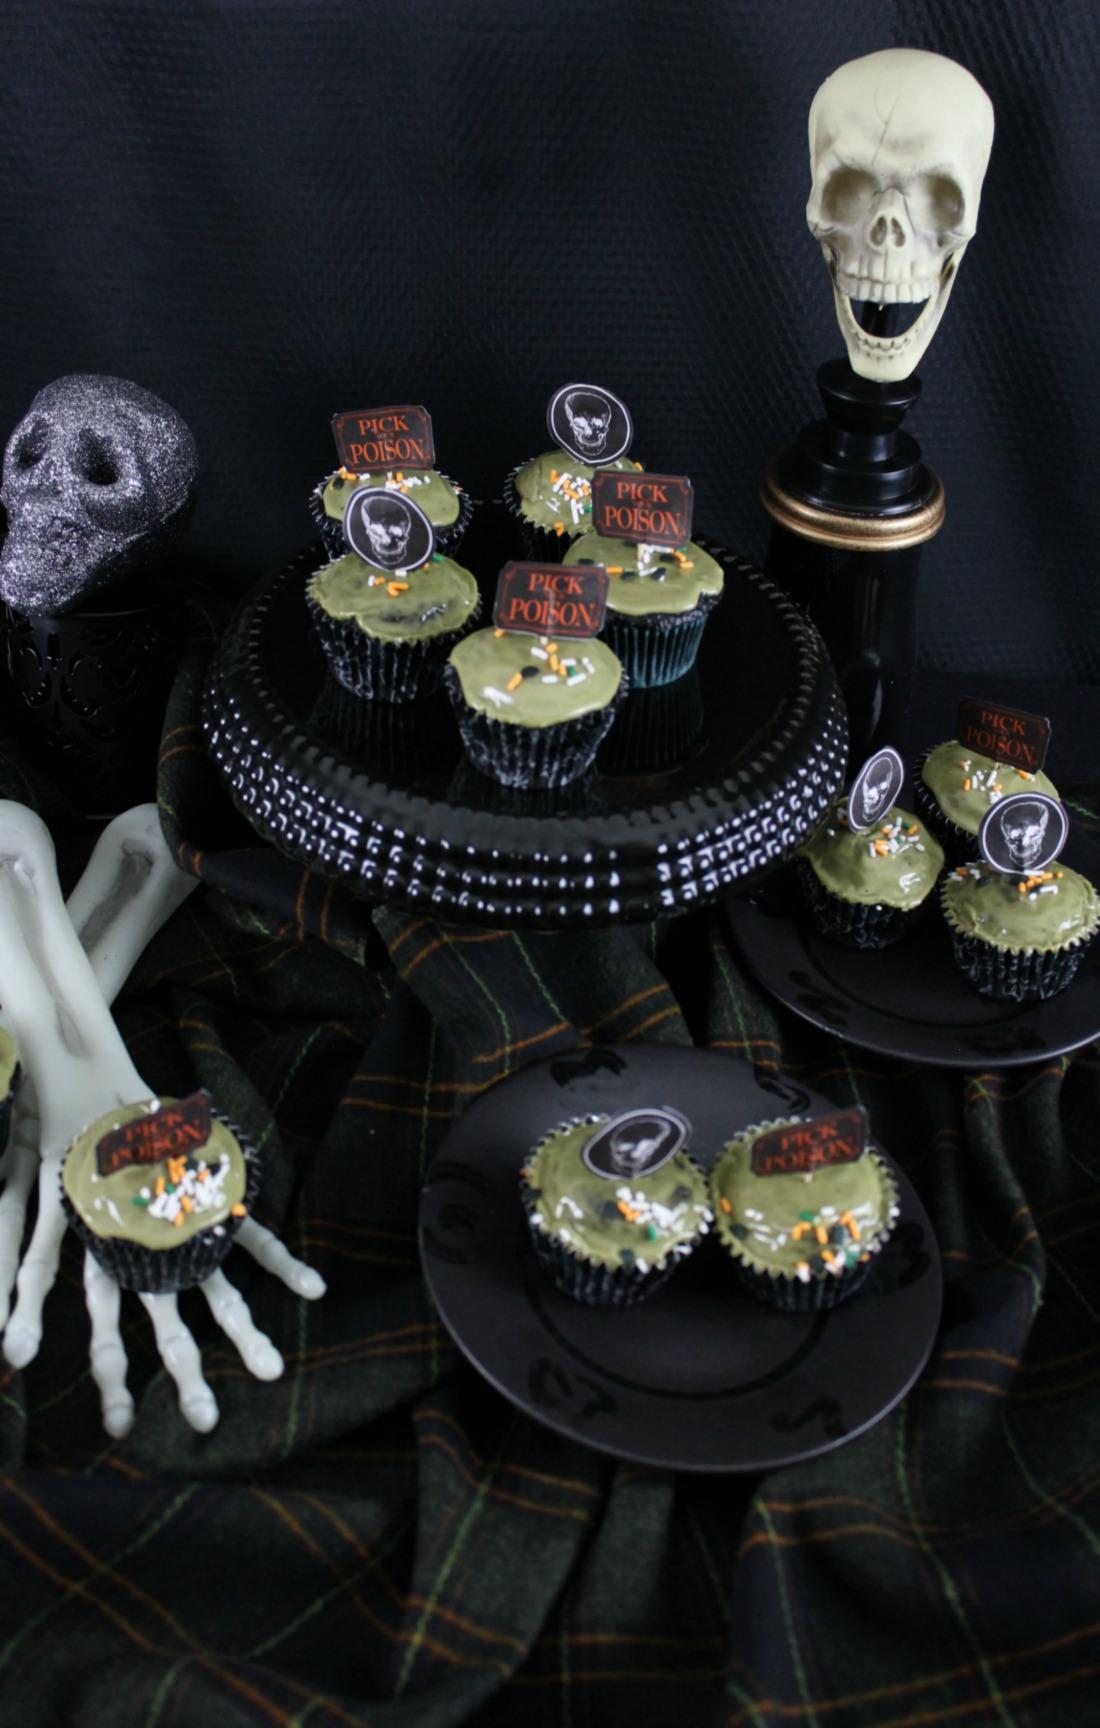 Vegan Halloween Chocolate Cupcakes with Vegan Matcha Icing